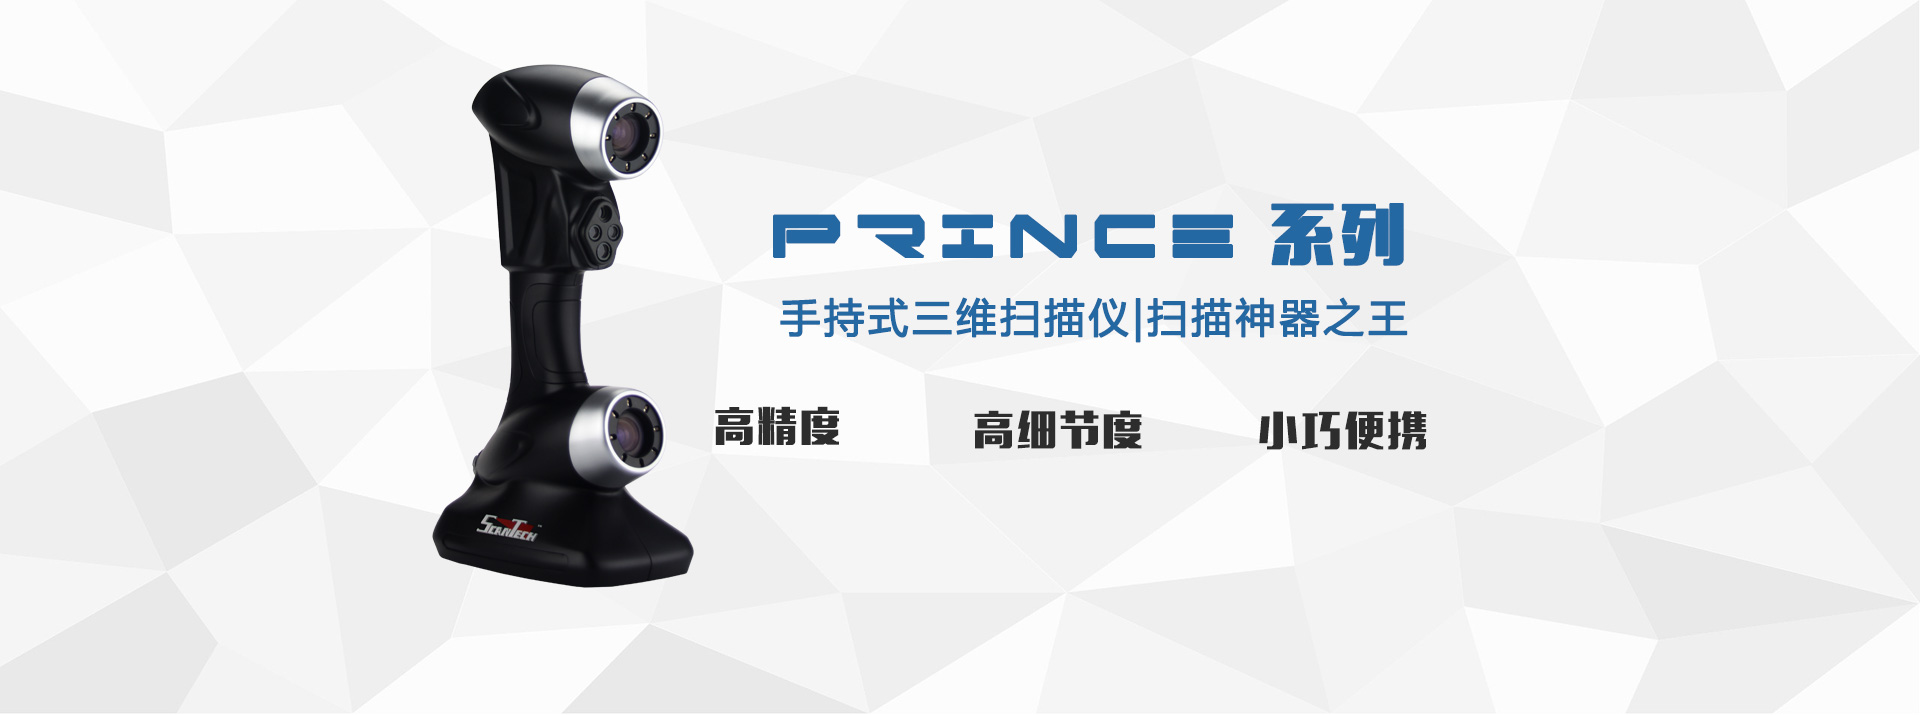 产品中prince内页.jpg